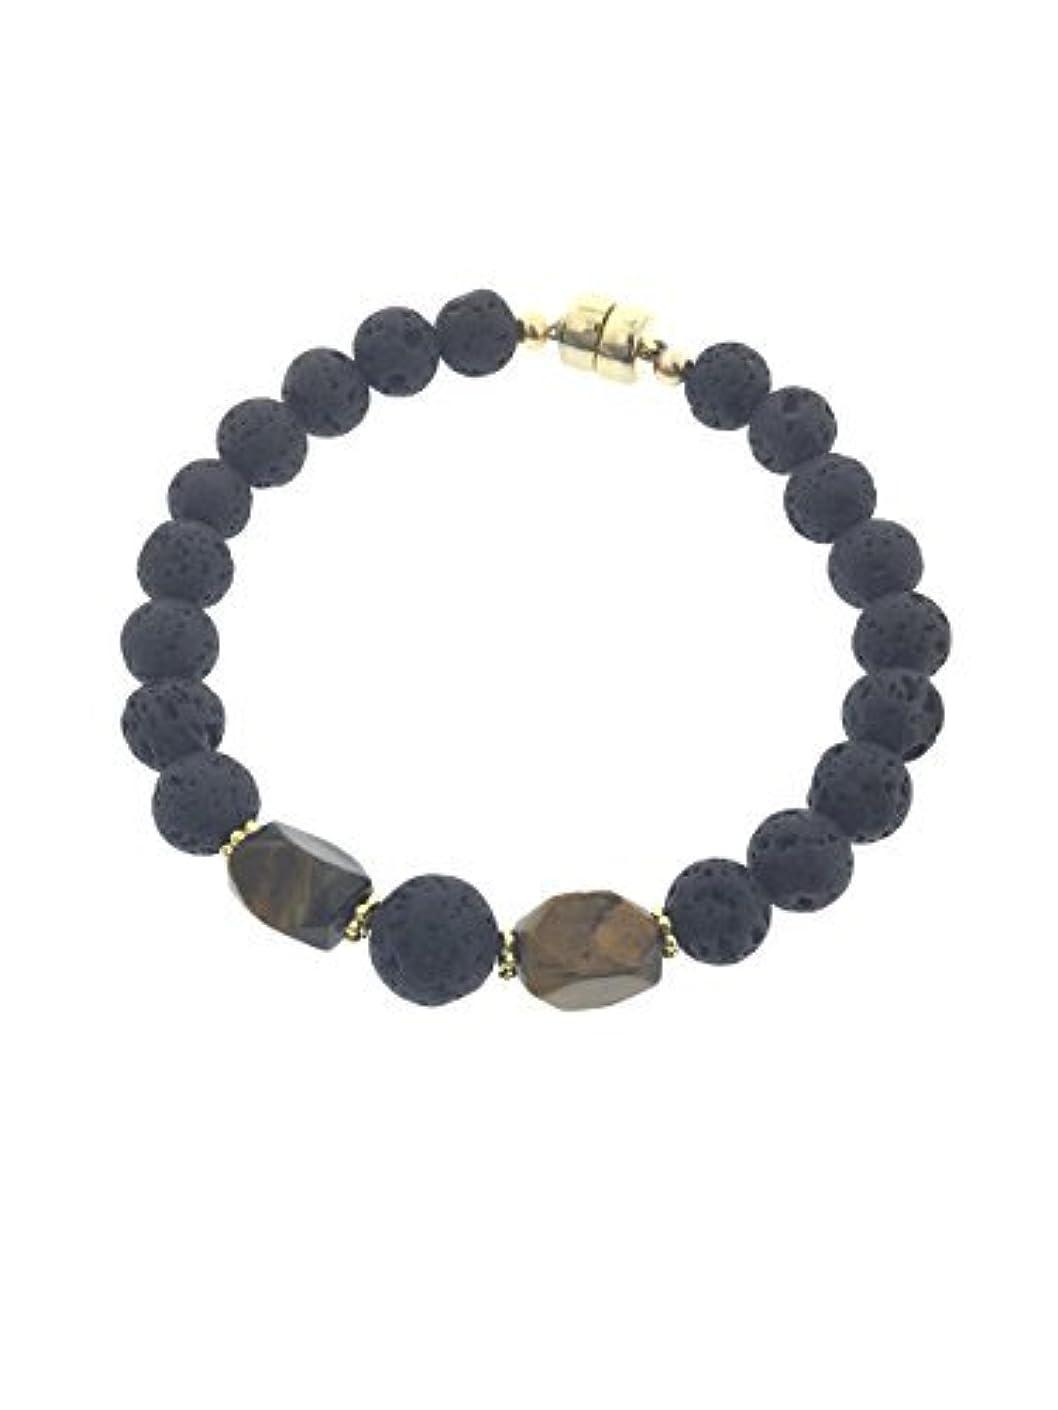 汚れたポール貧しいTiger-eye and Lava Essential Oil Diffuser Bracelet with Gold-Filled Rare Earth Magnetic Clasp - XLarge [並行輸入品]